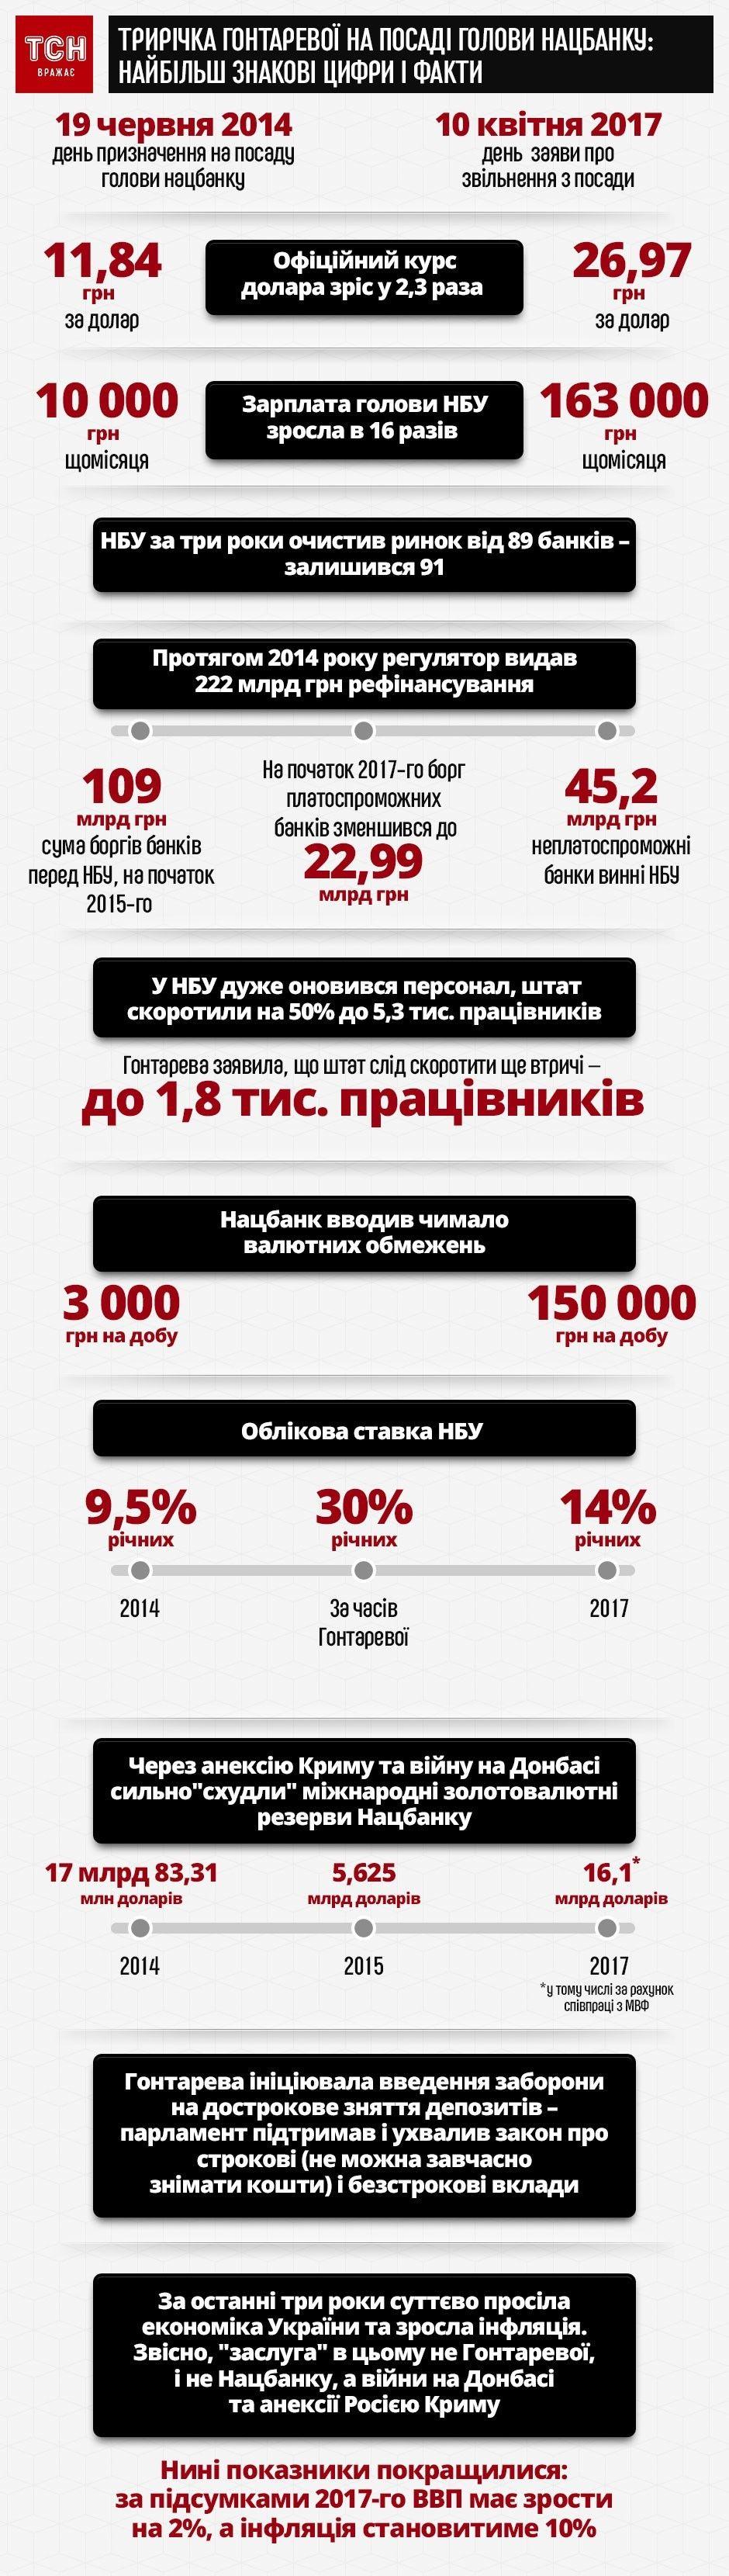 Трирічка Гонтаревої на посаді голови Нацбанку: найбільш знакові цифри і факти